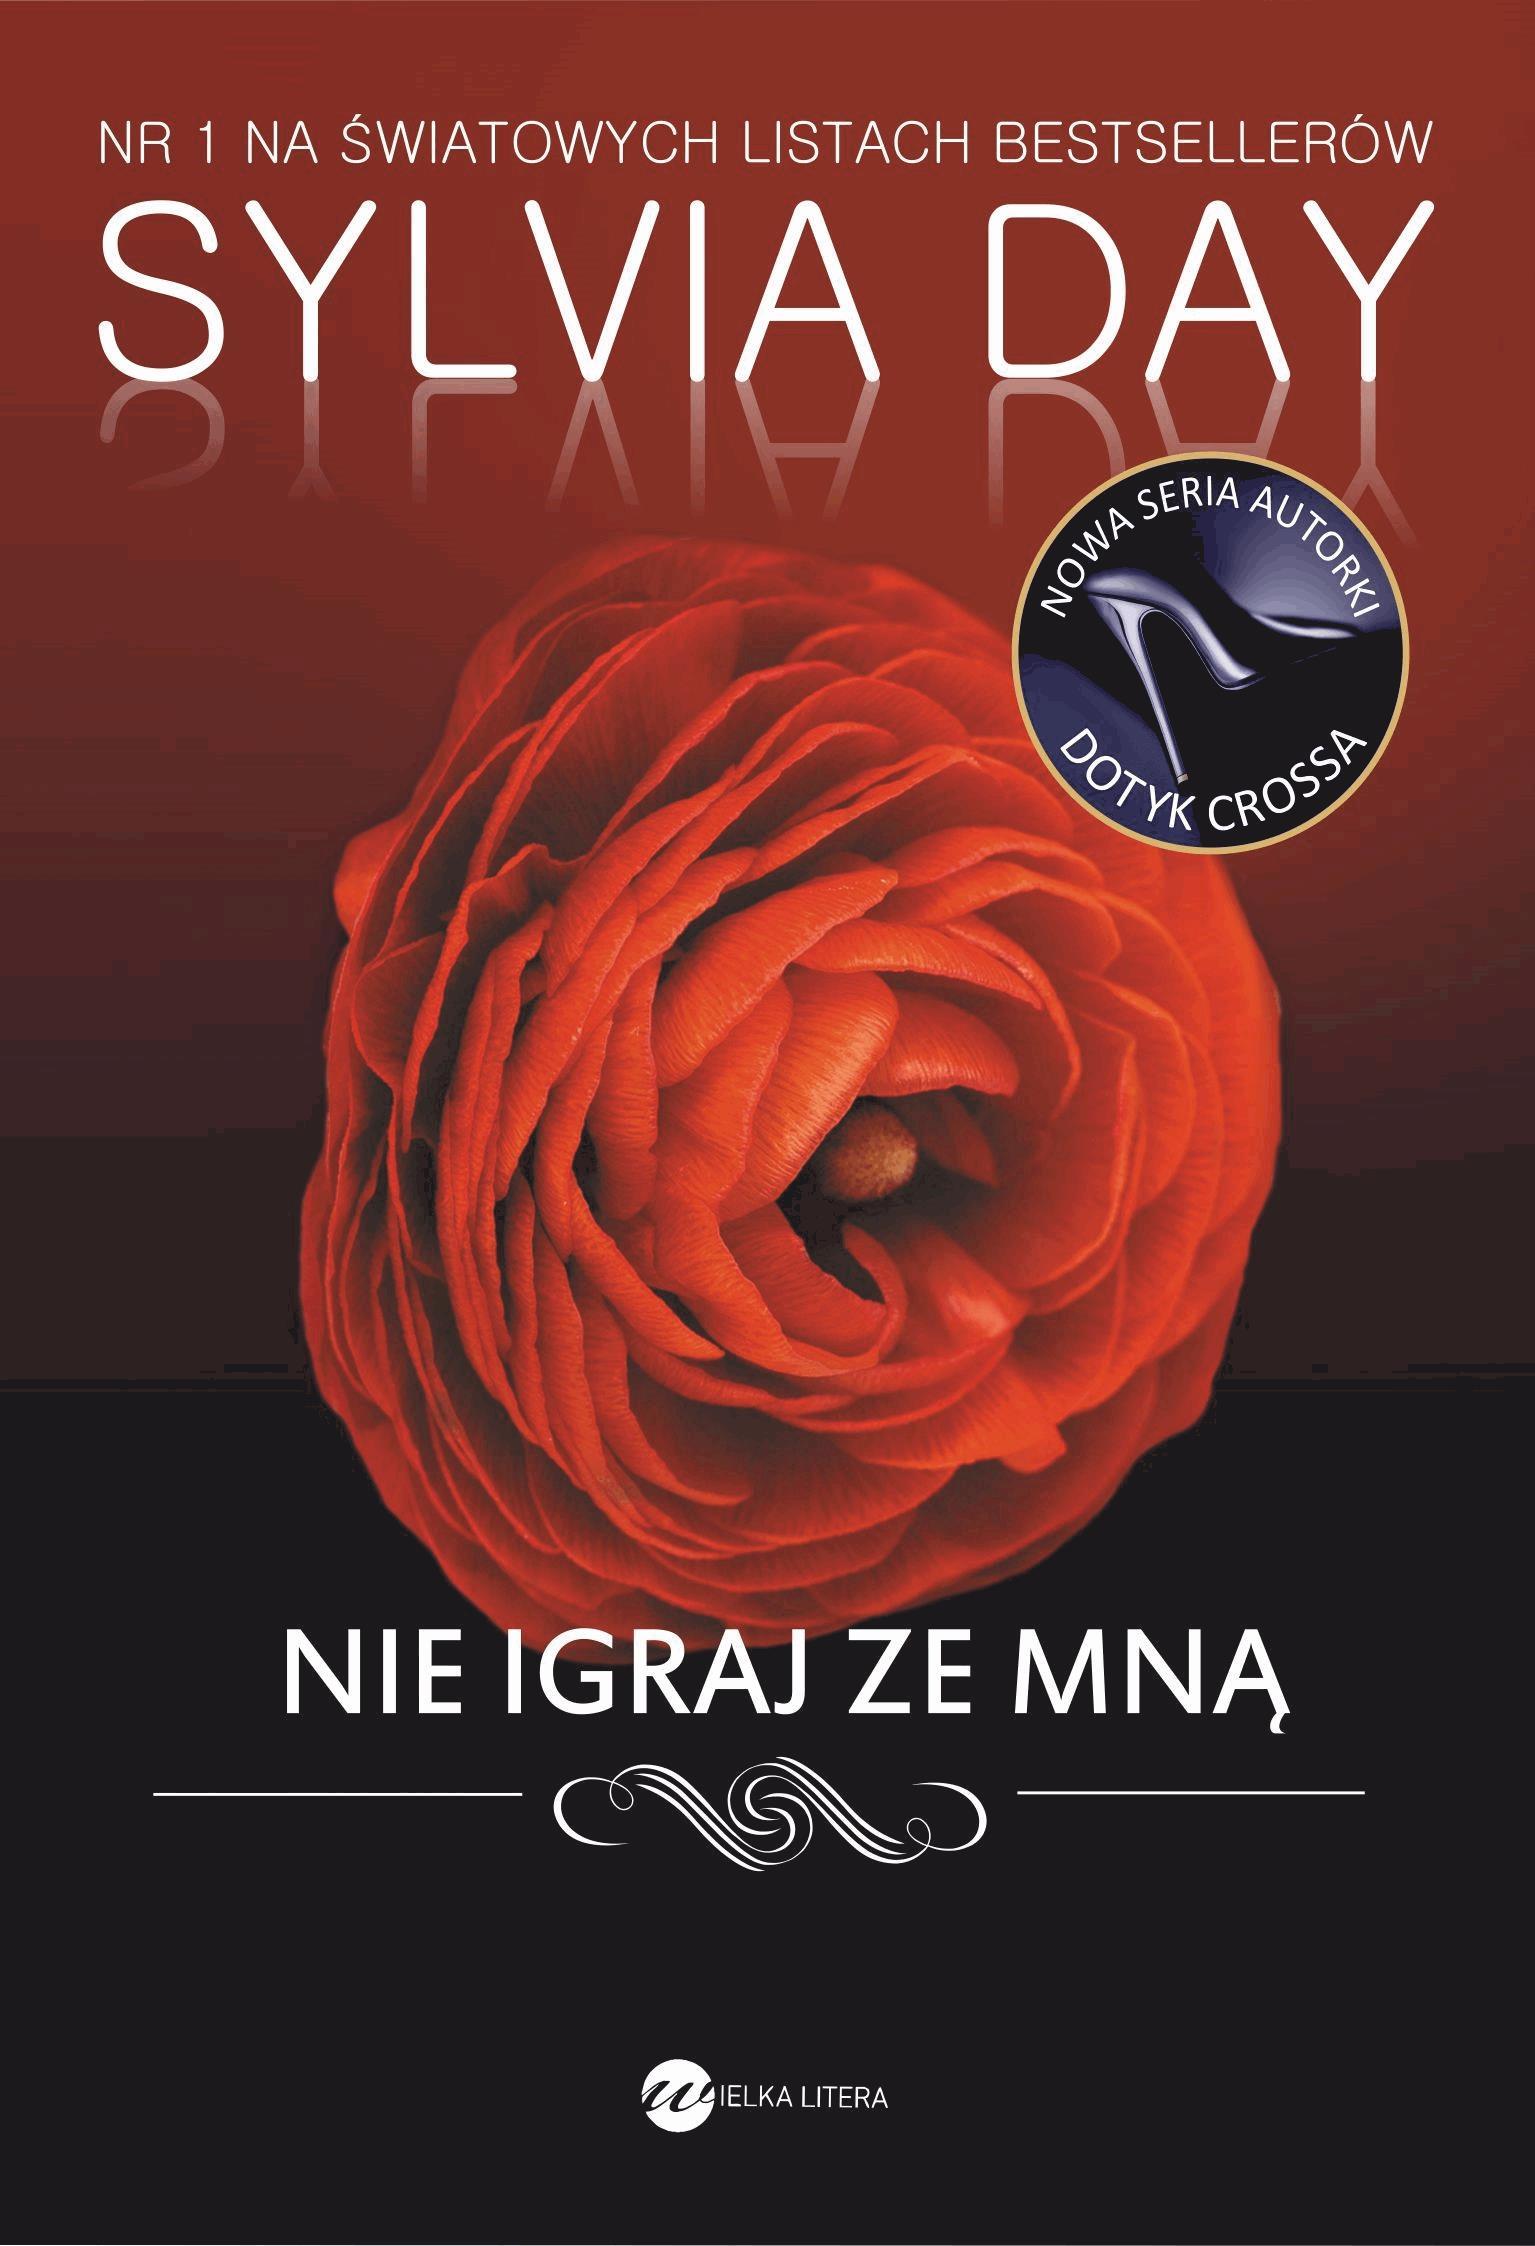 Nie igraj ze mną - Tylko w Legimi możesz przeczytać ten tytuł przez 7 dni za darmo. - Sylvia Day